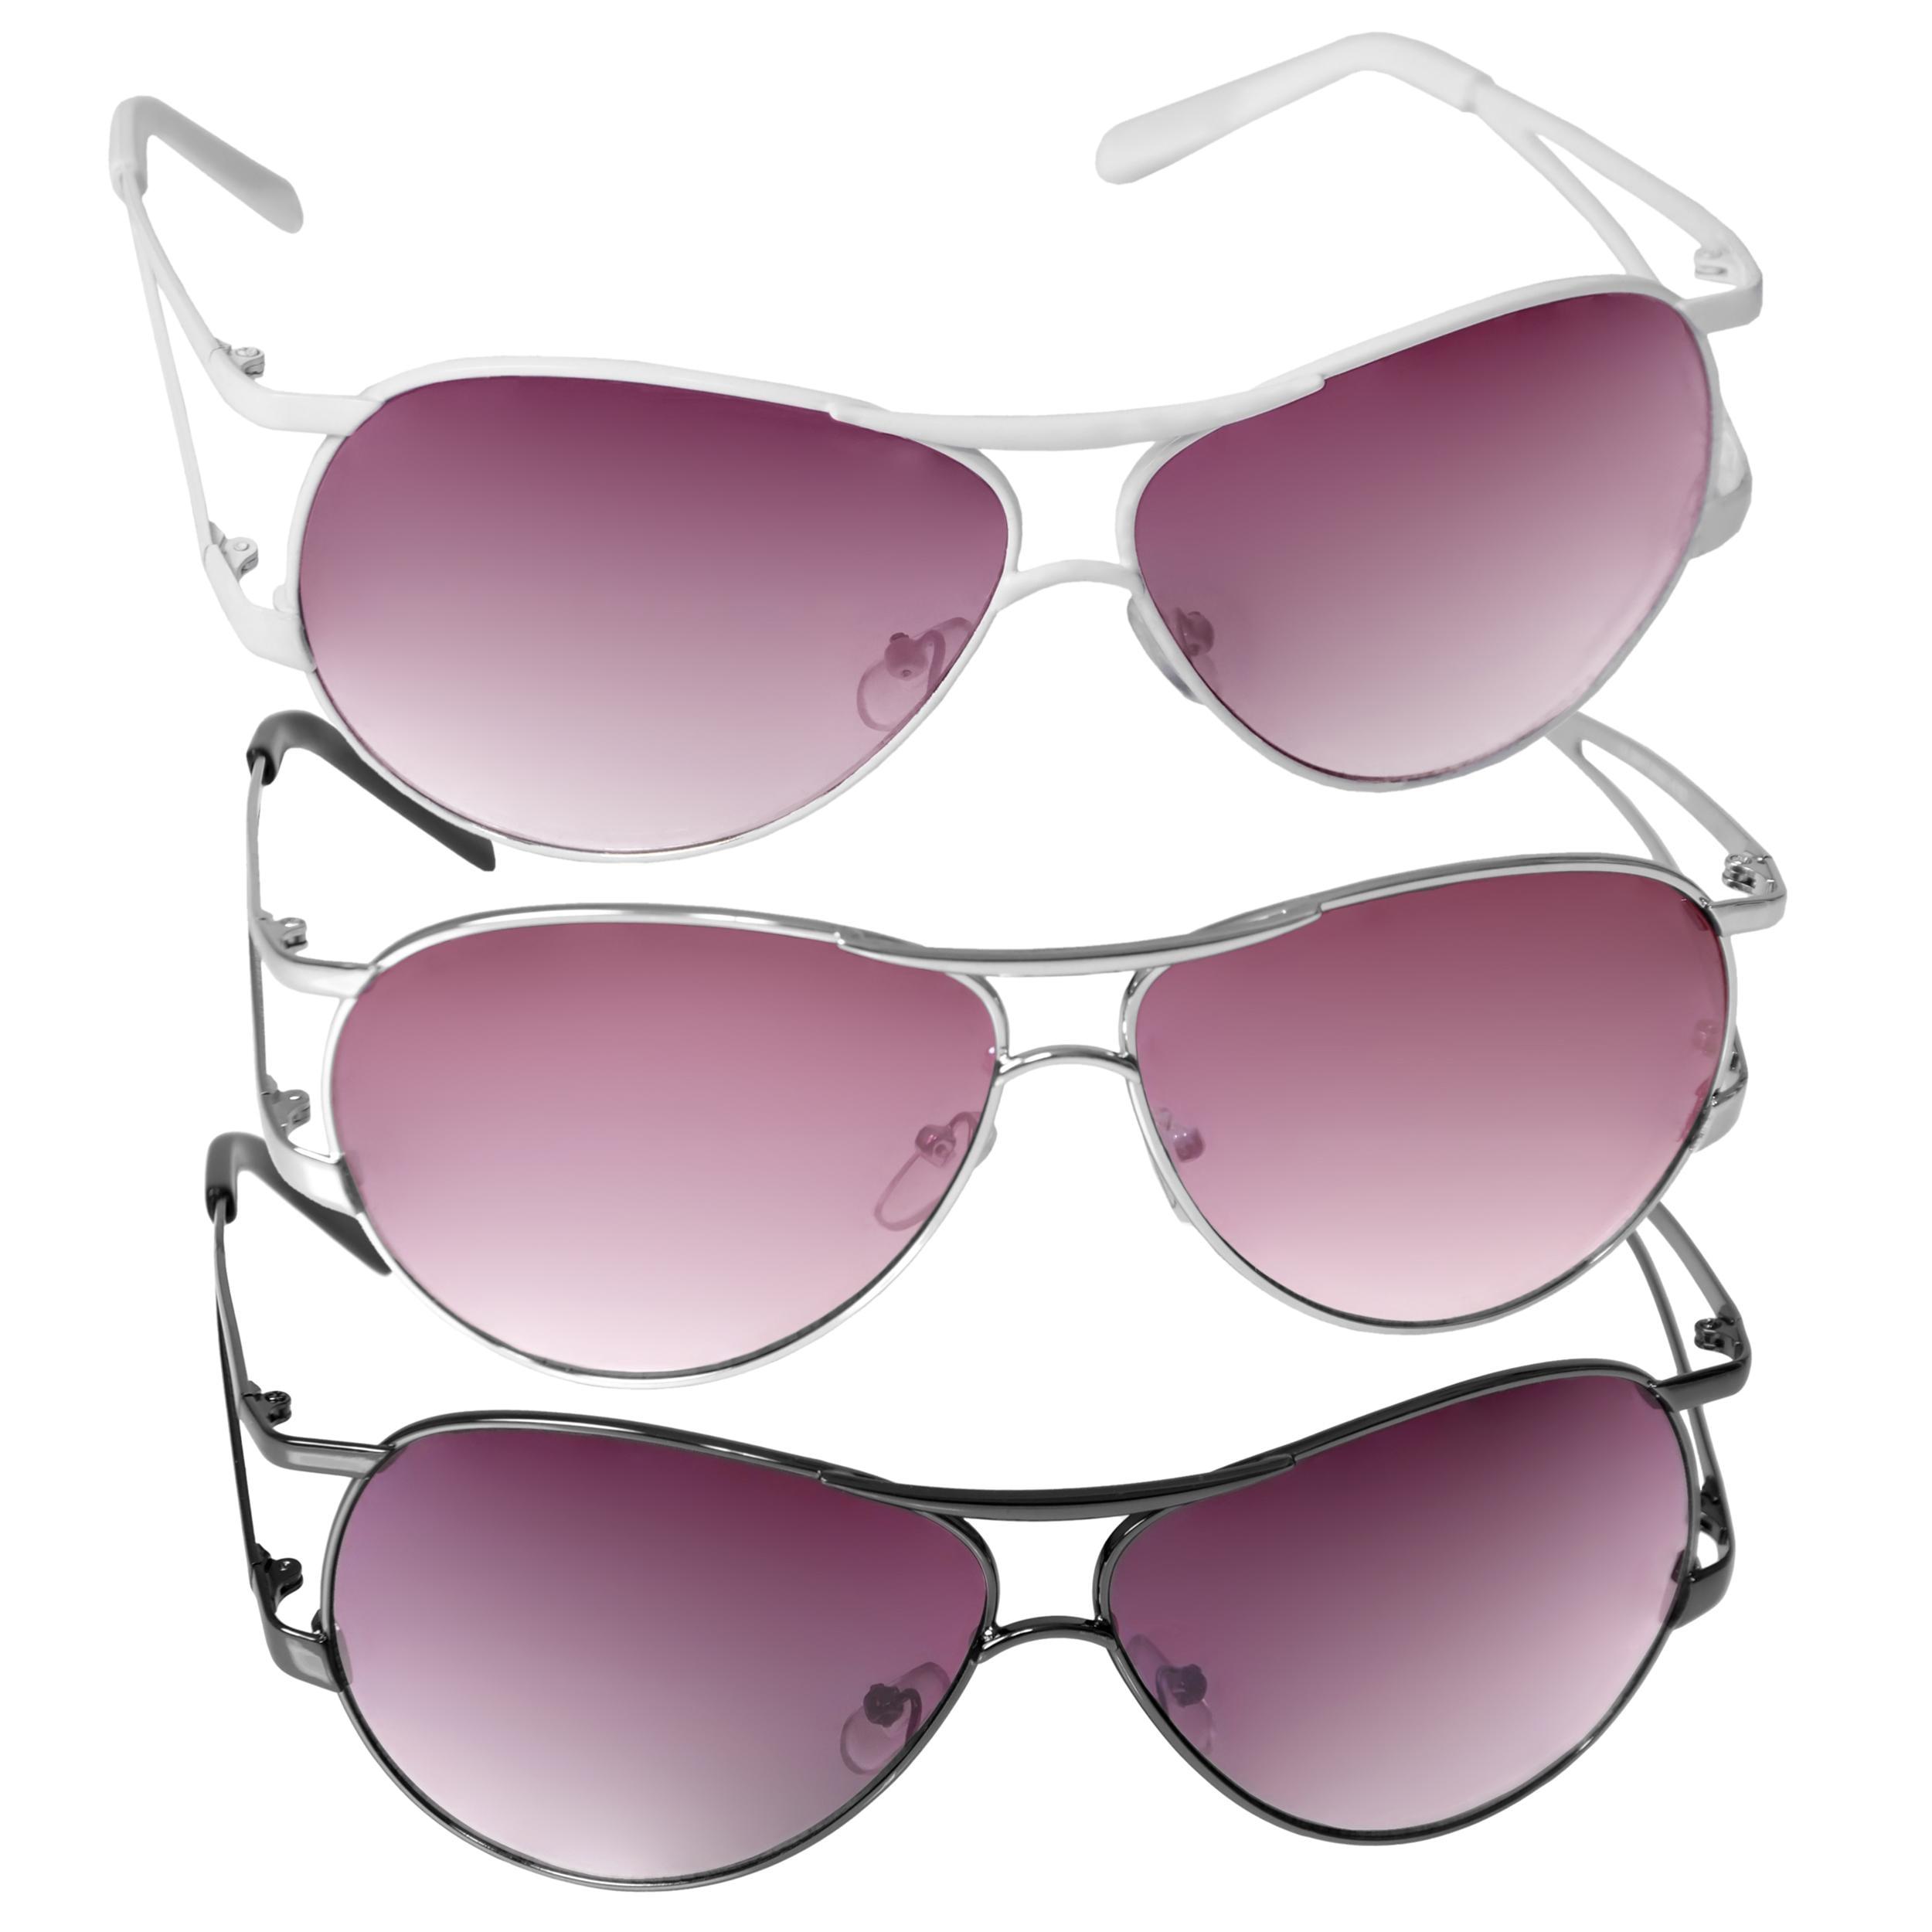 Adi Designs Women's Aviator Sunglasses